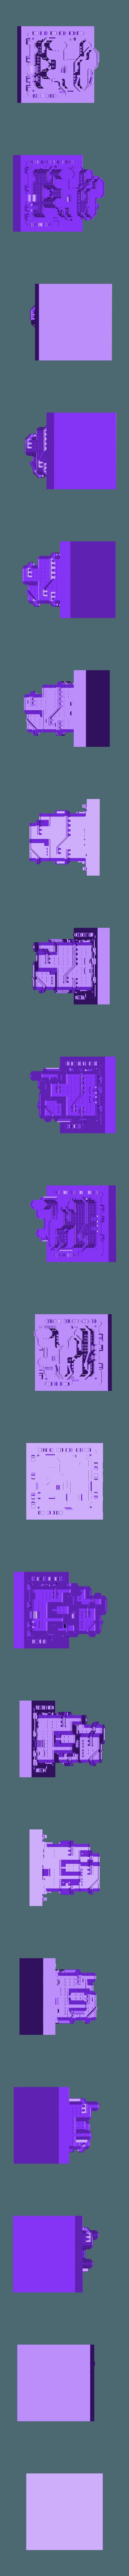 medium5.stl Télécharger fichier STL gratuit Bâtiments de procédure • Design pour impression 3D, ferjerez3d